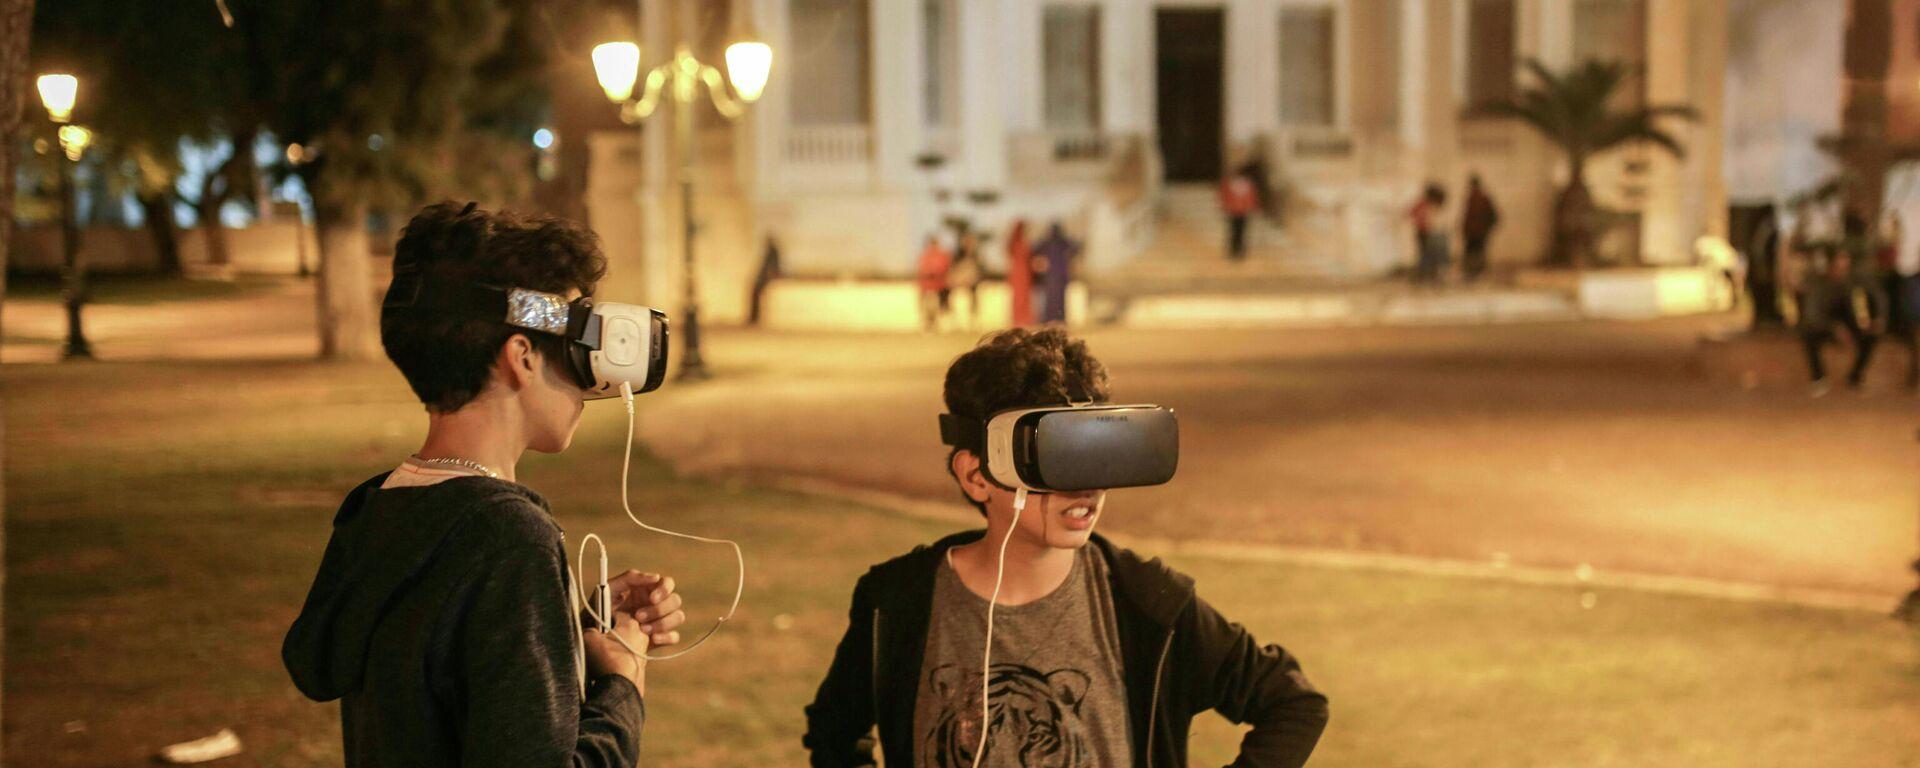 Kinder mit VR-Brillen (Symbolbild) - SNA, 1920, 08.06.2021